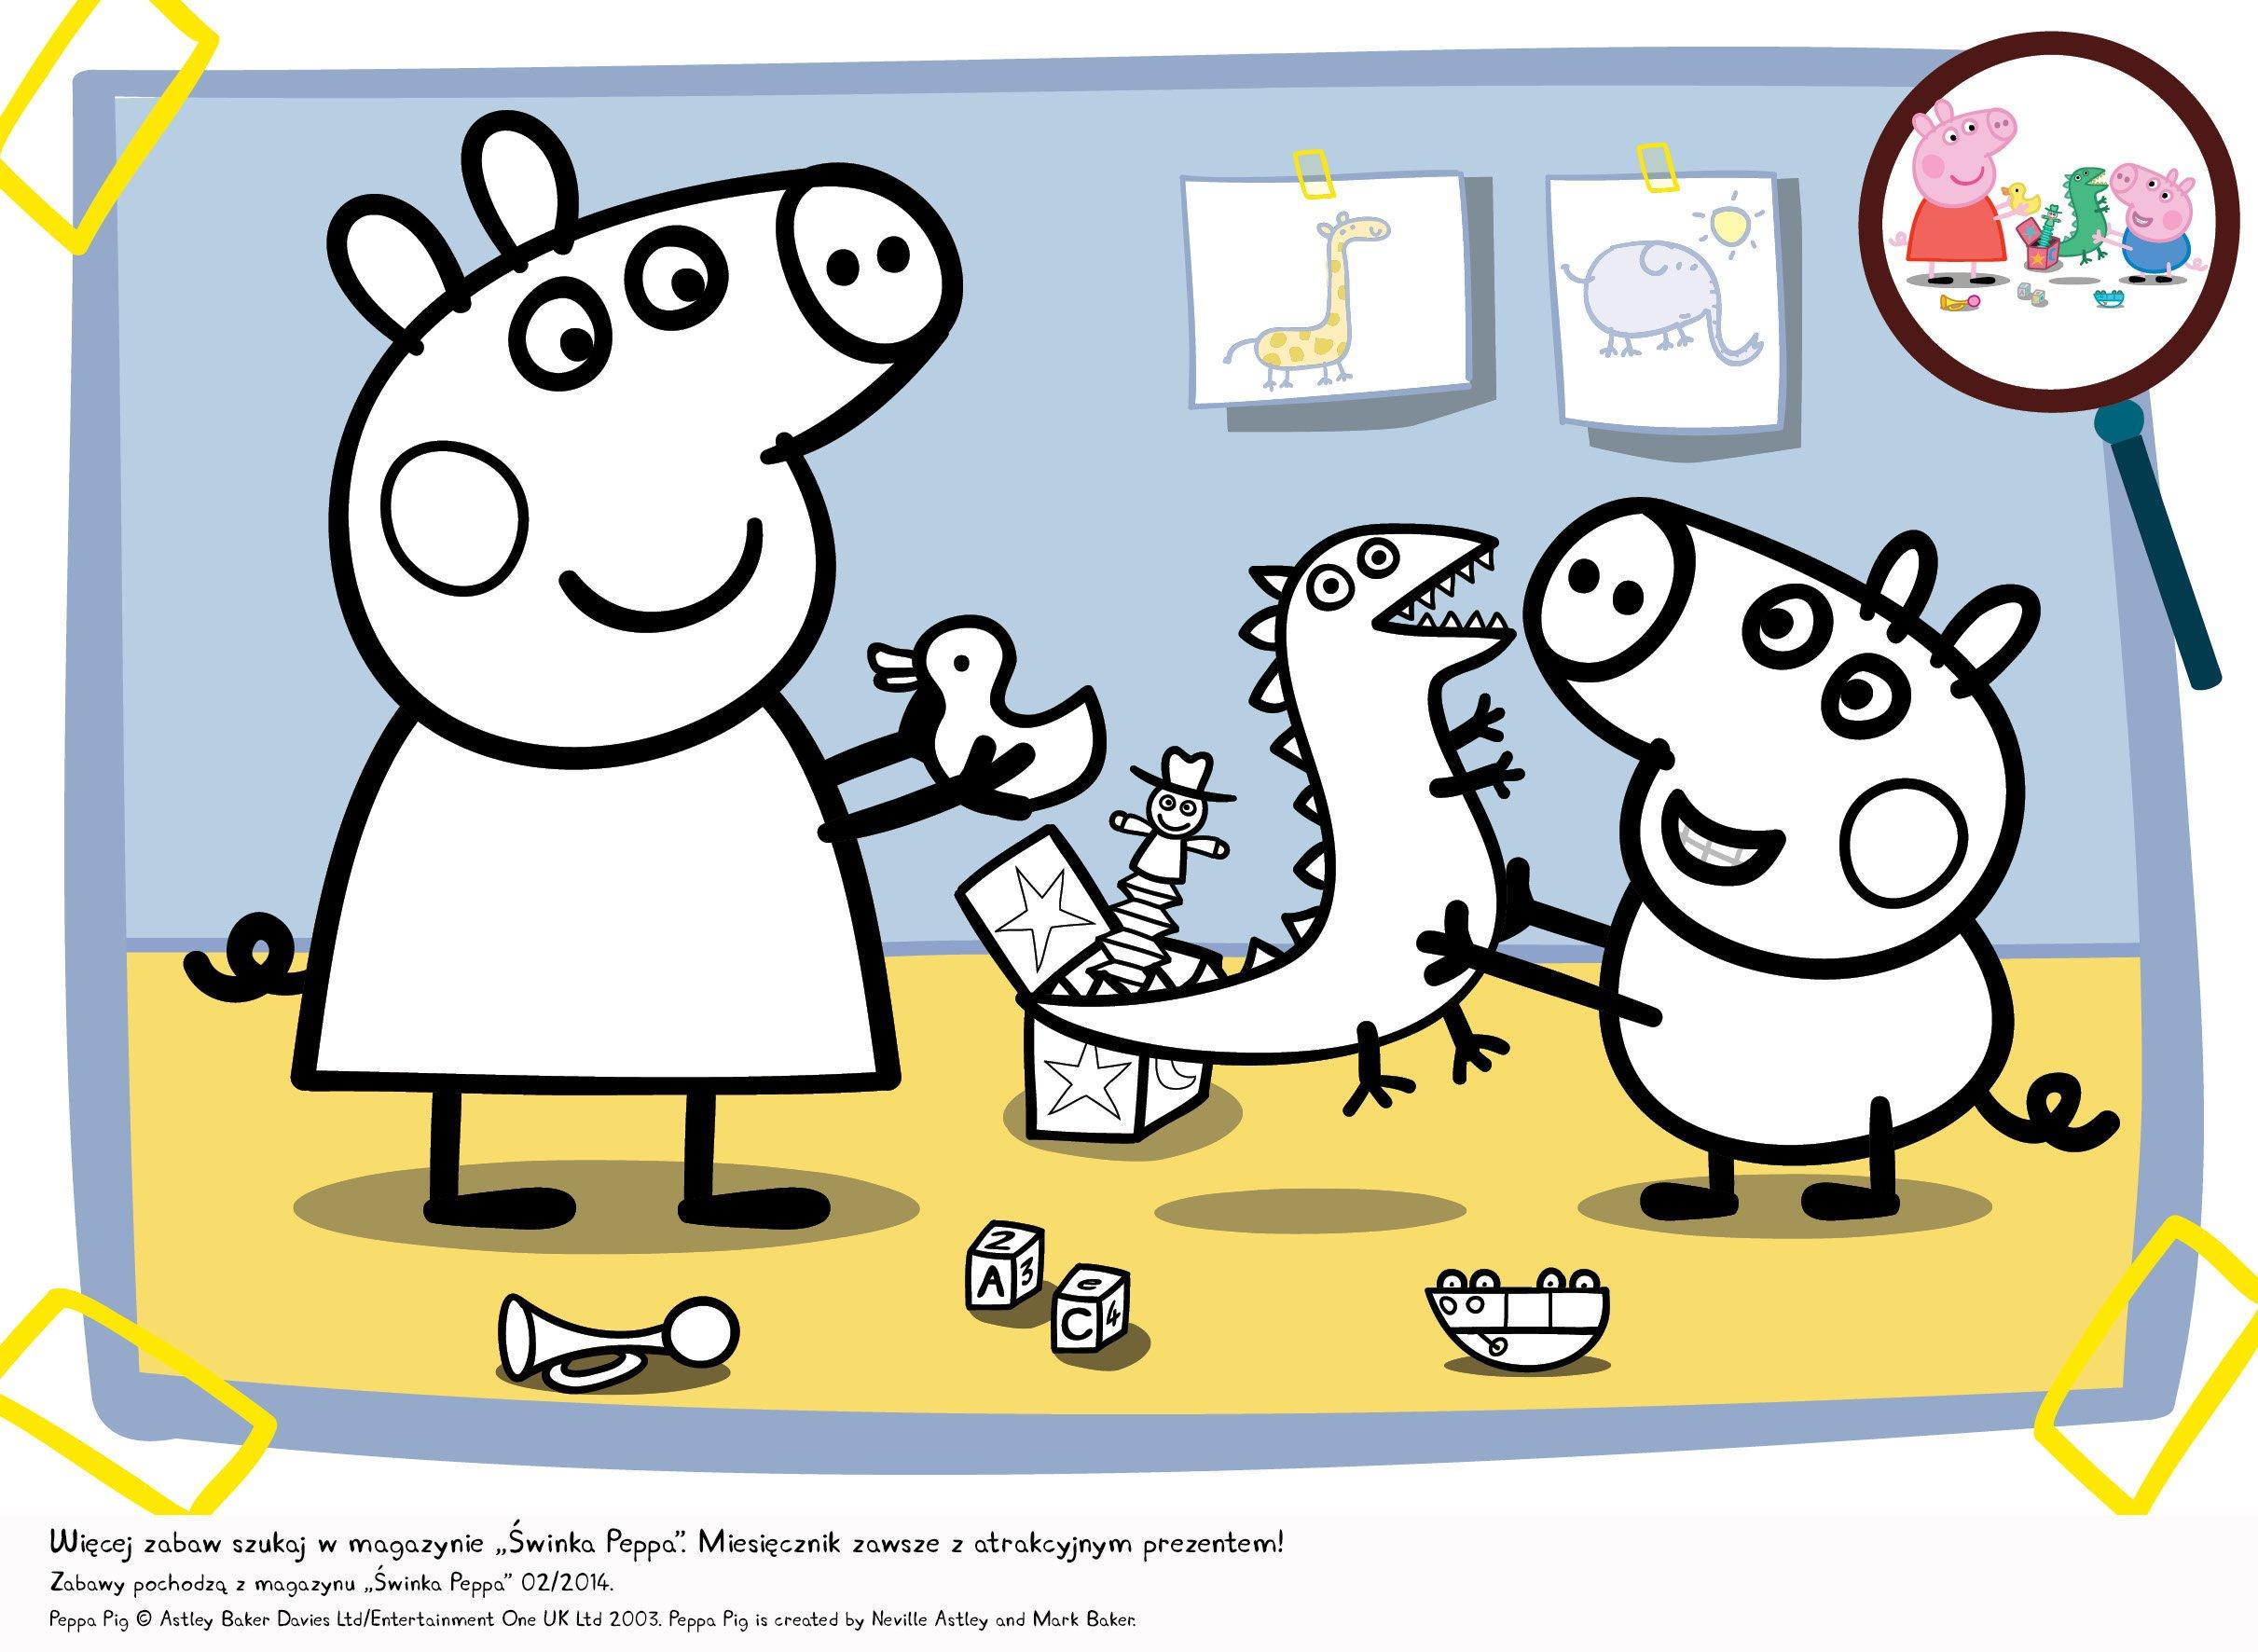 kolorowanka Świnka Peppa i zabawki kolorowanka do druku dla dzieci